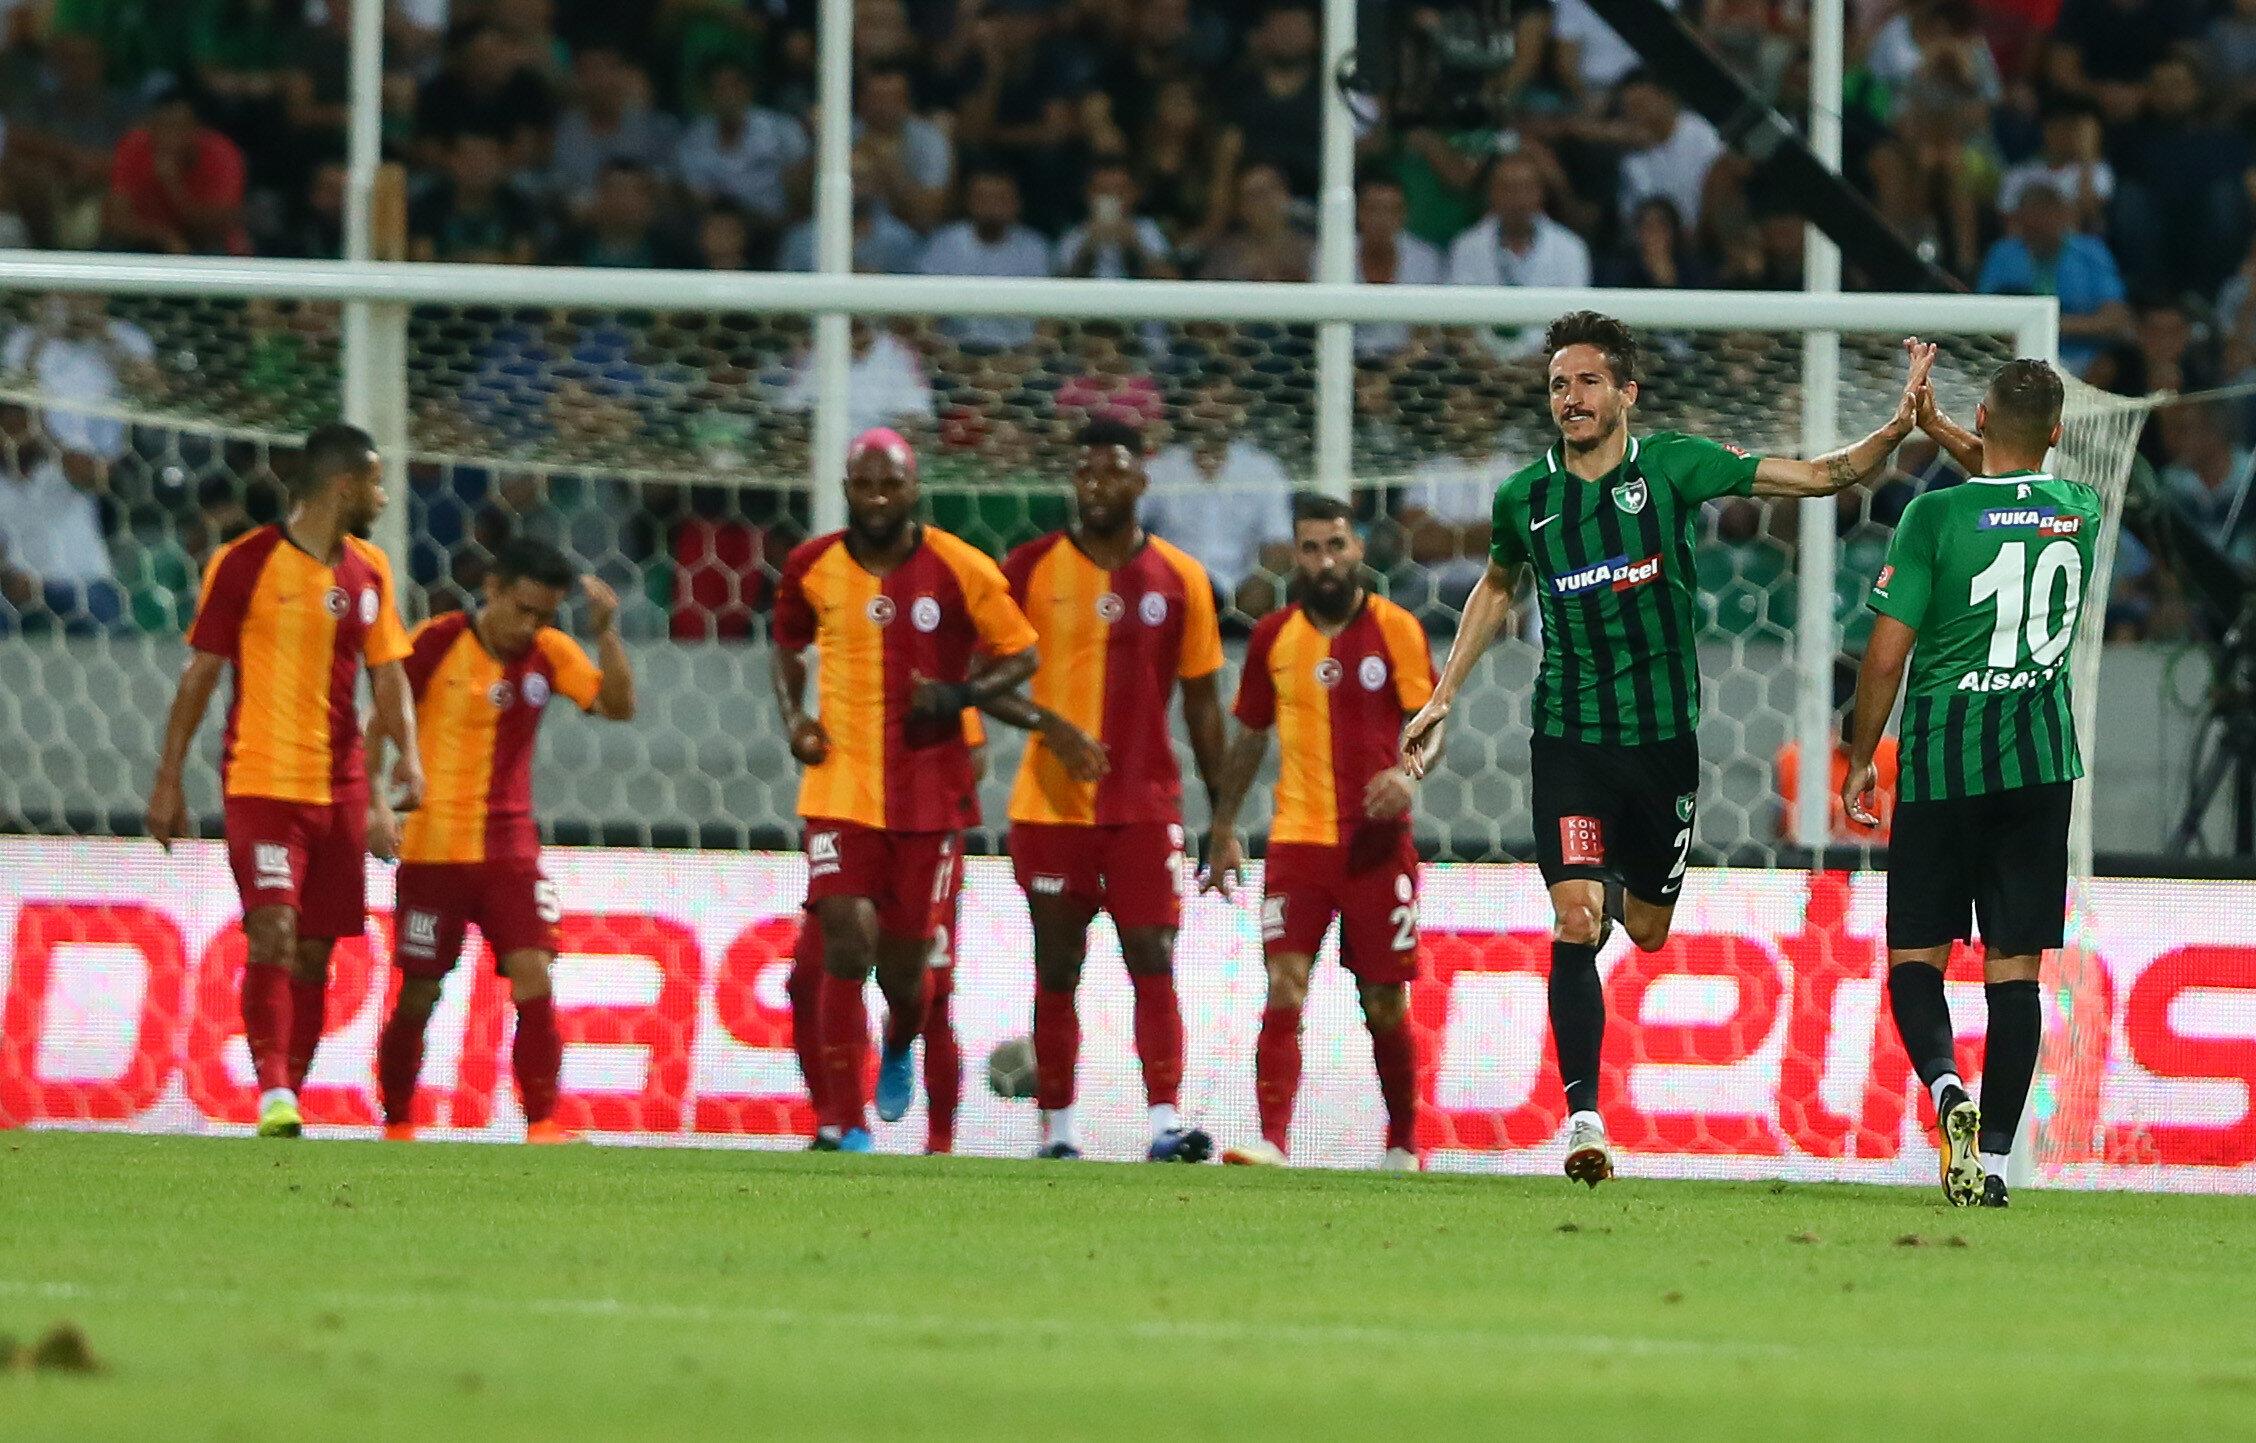 Son şampiyon Galatasaray, sezonun açılış maçında ligin yeni ekibi Denizlispor'a 2-0 mağlup oldu.